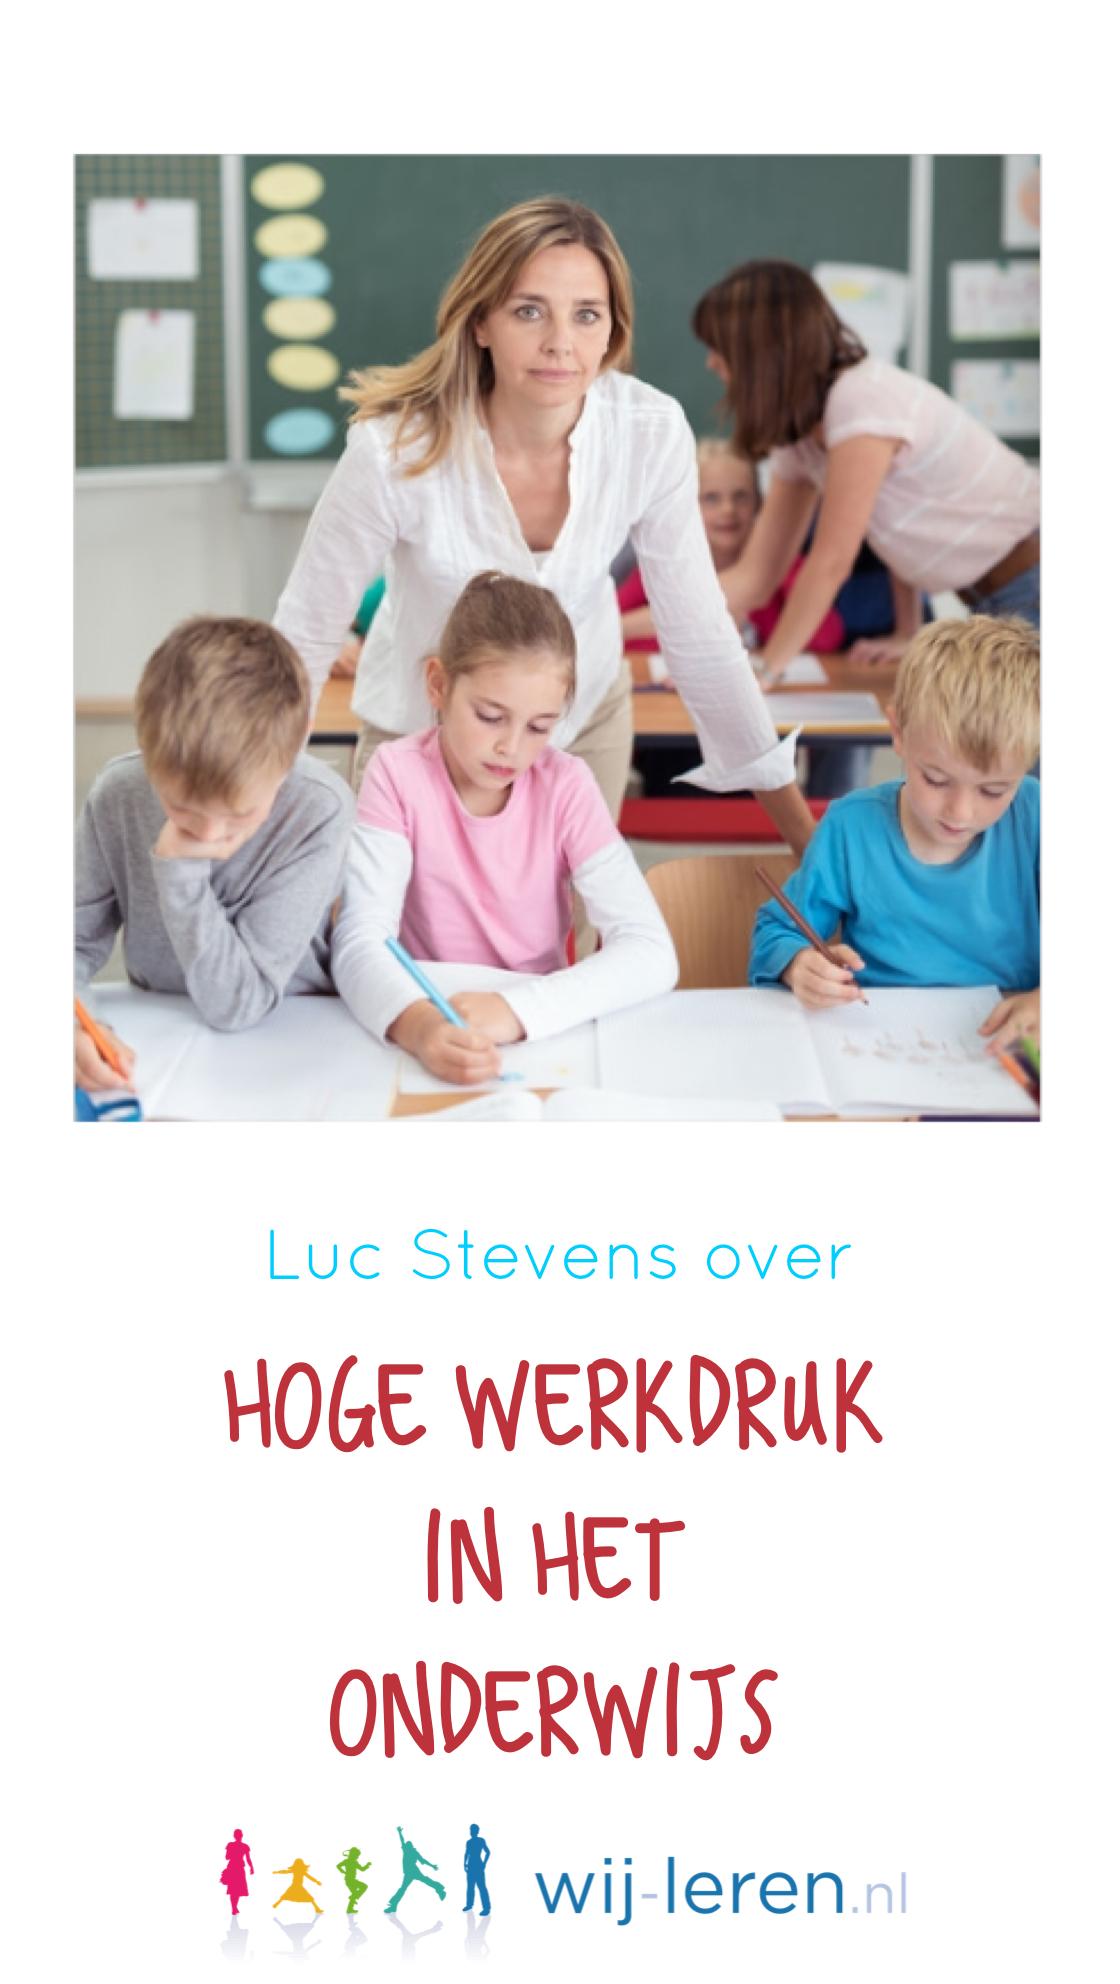 Werkdruk onderwijs